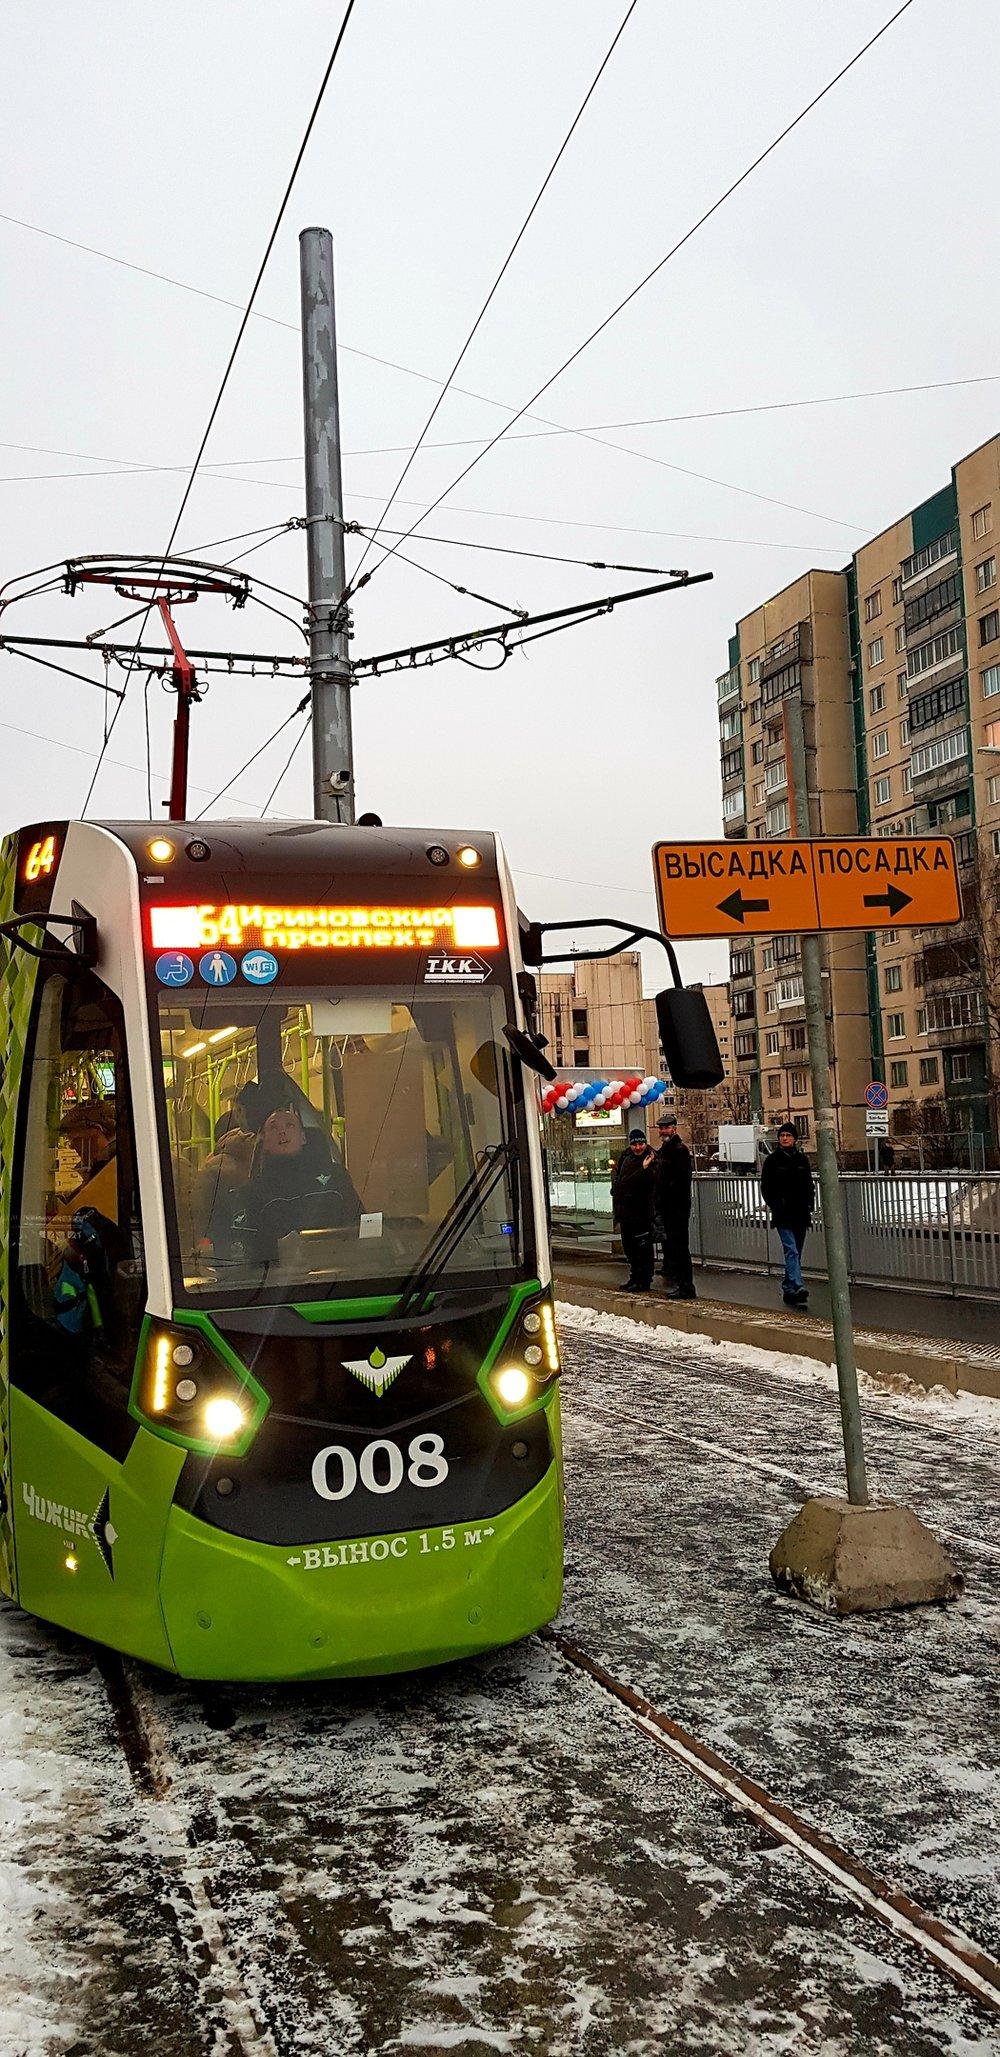 Horní snímek ukazuje první den provozu obnovené tramvajové linky č. 64. Návrat tramvaje na prospekt Nastavnikov se u místních obyvatel dočkal pozitivních reakcí. Síť Čižika je stavěna s pomocí nejmodernějších technologií, čehož je důkazem i informační systém na levém snímku. (foto: TKK)